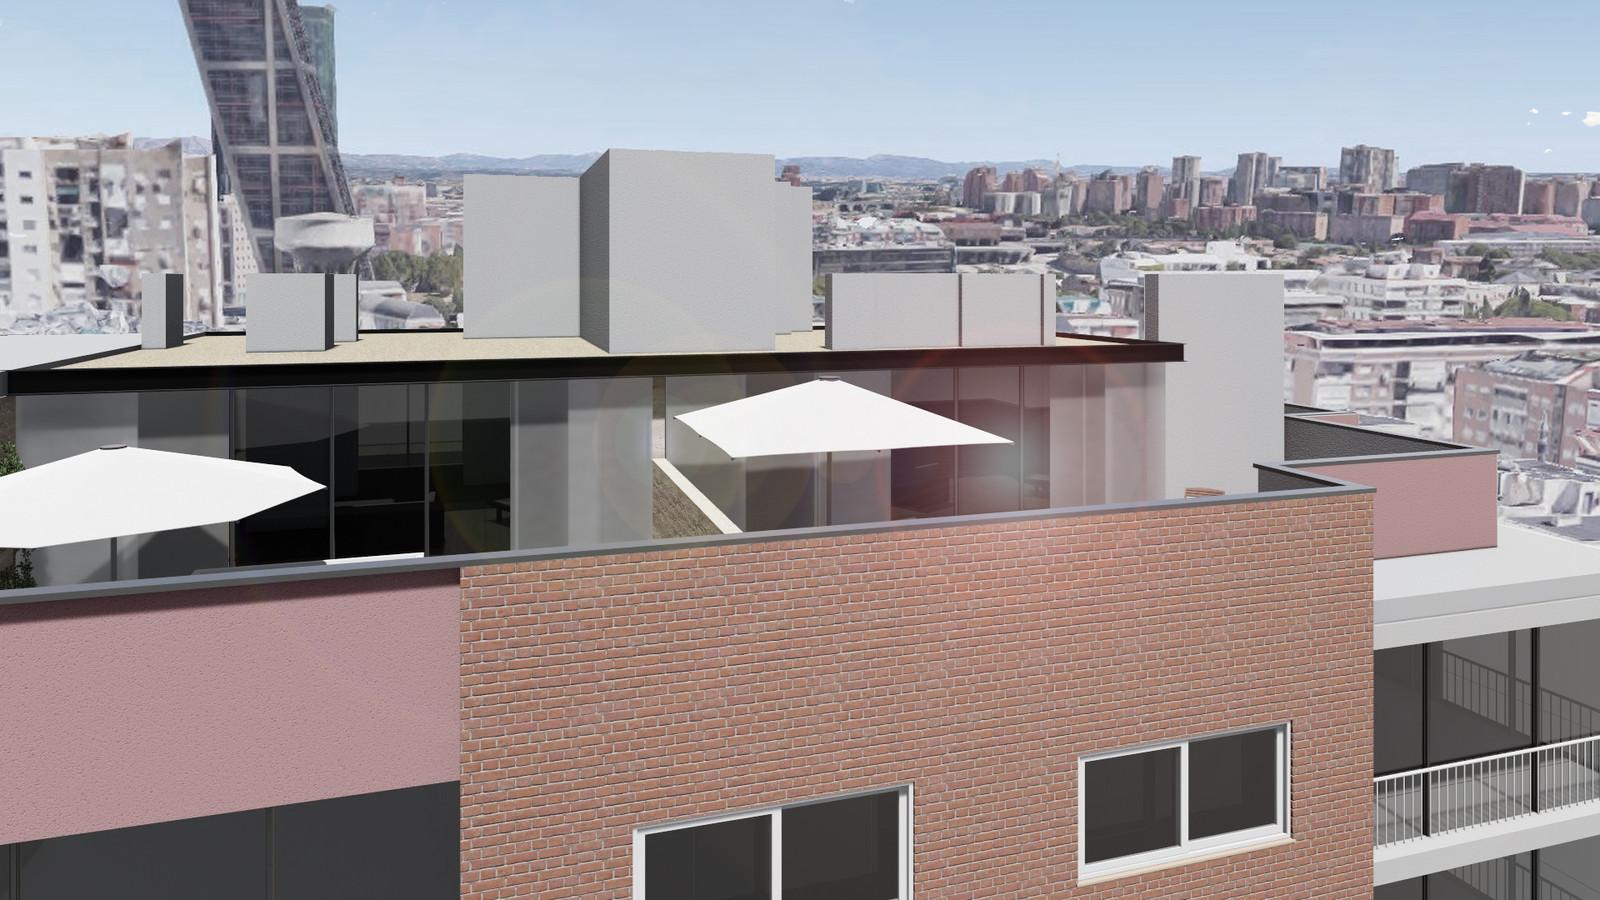 Estudio de arquitectura y urbanismo madrid proyectos - Estudio de arquitectura y urbanismo ...